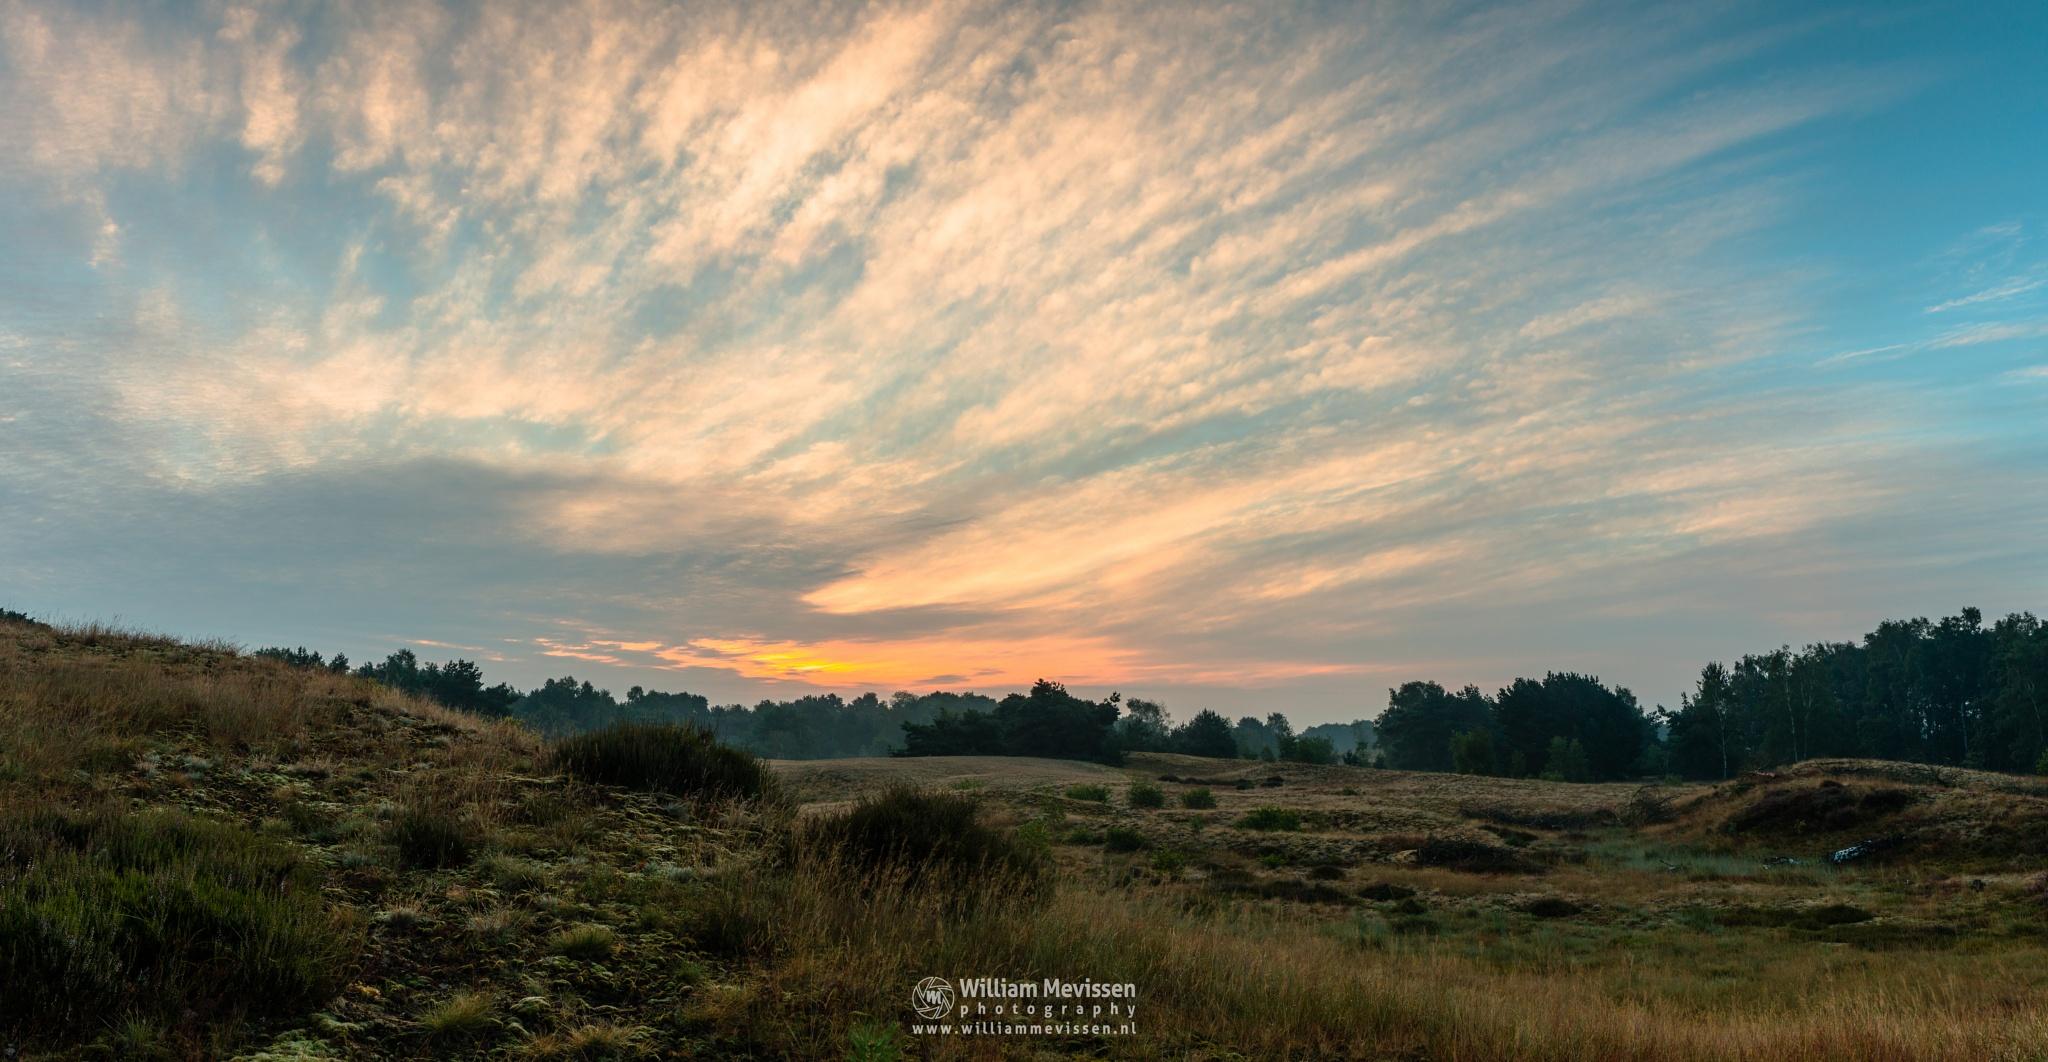 Sunrise Explosion by William Mevissen